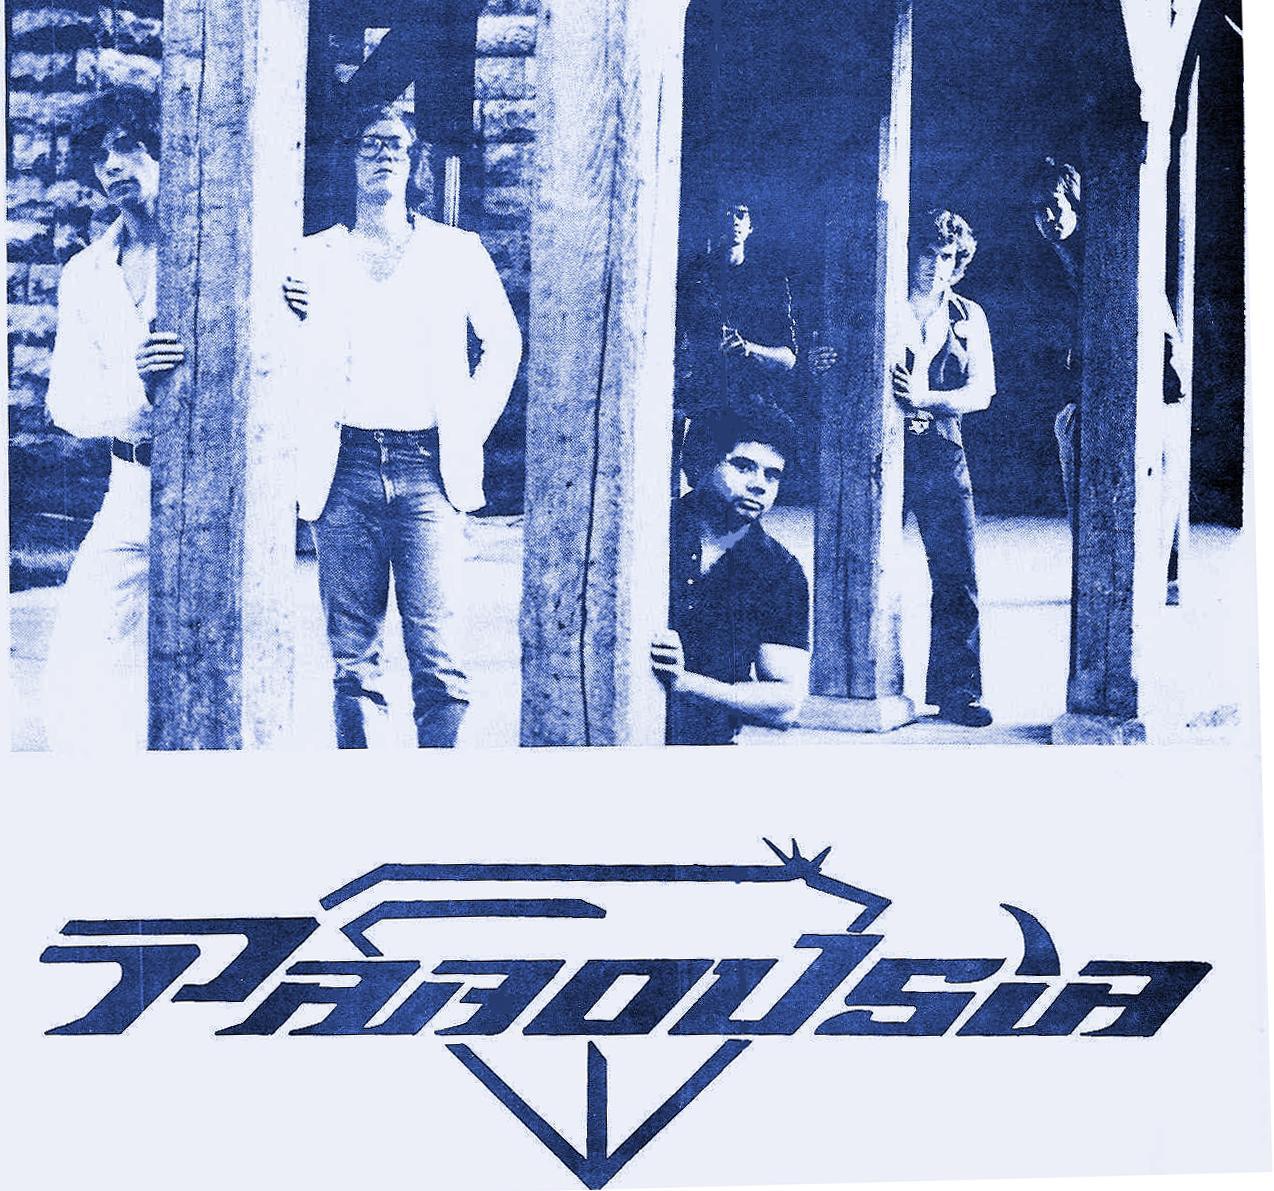 Most unique rock show flyer-alt.blue